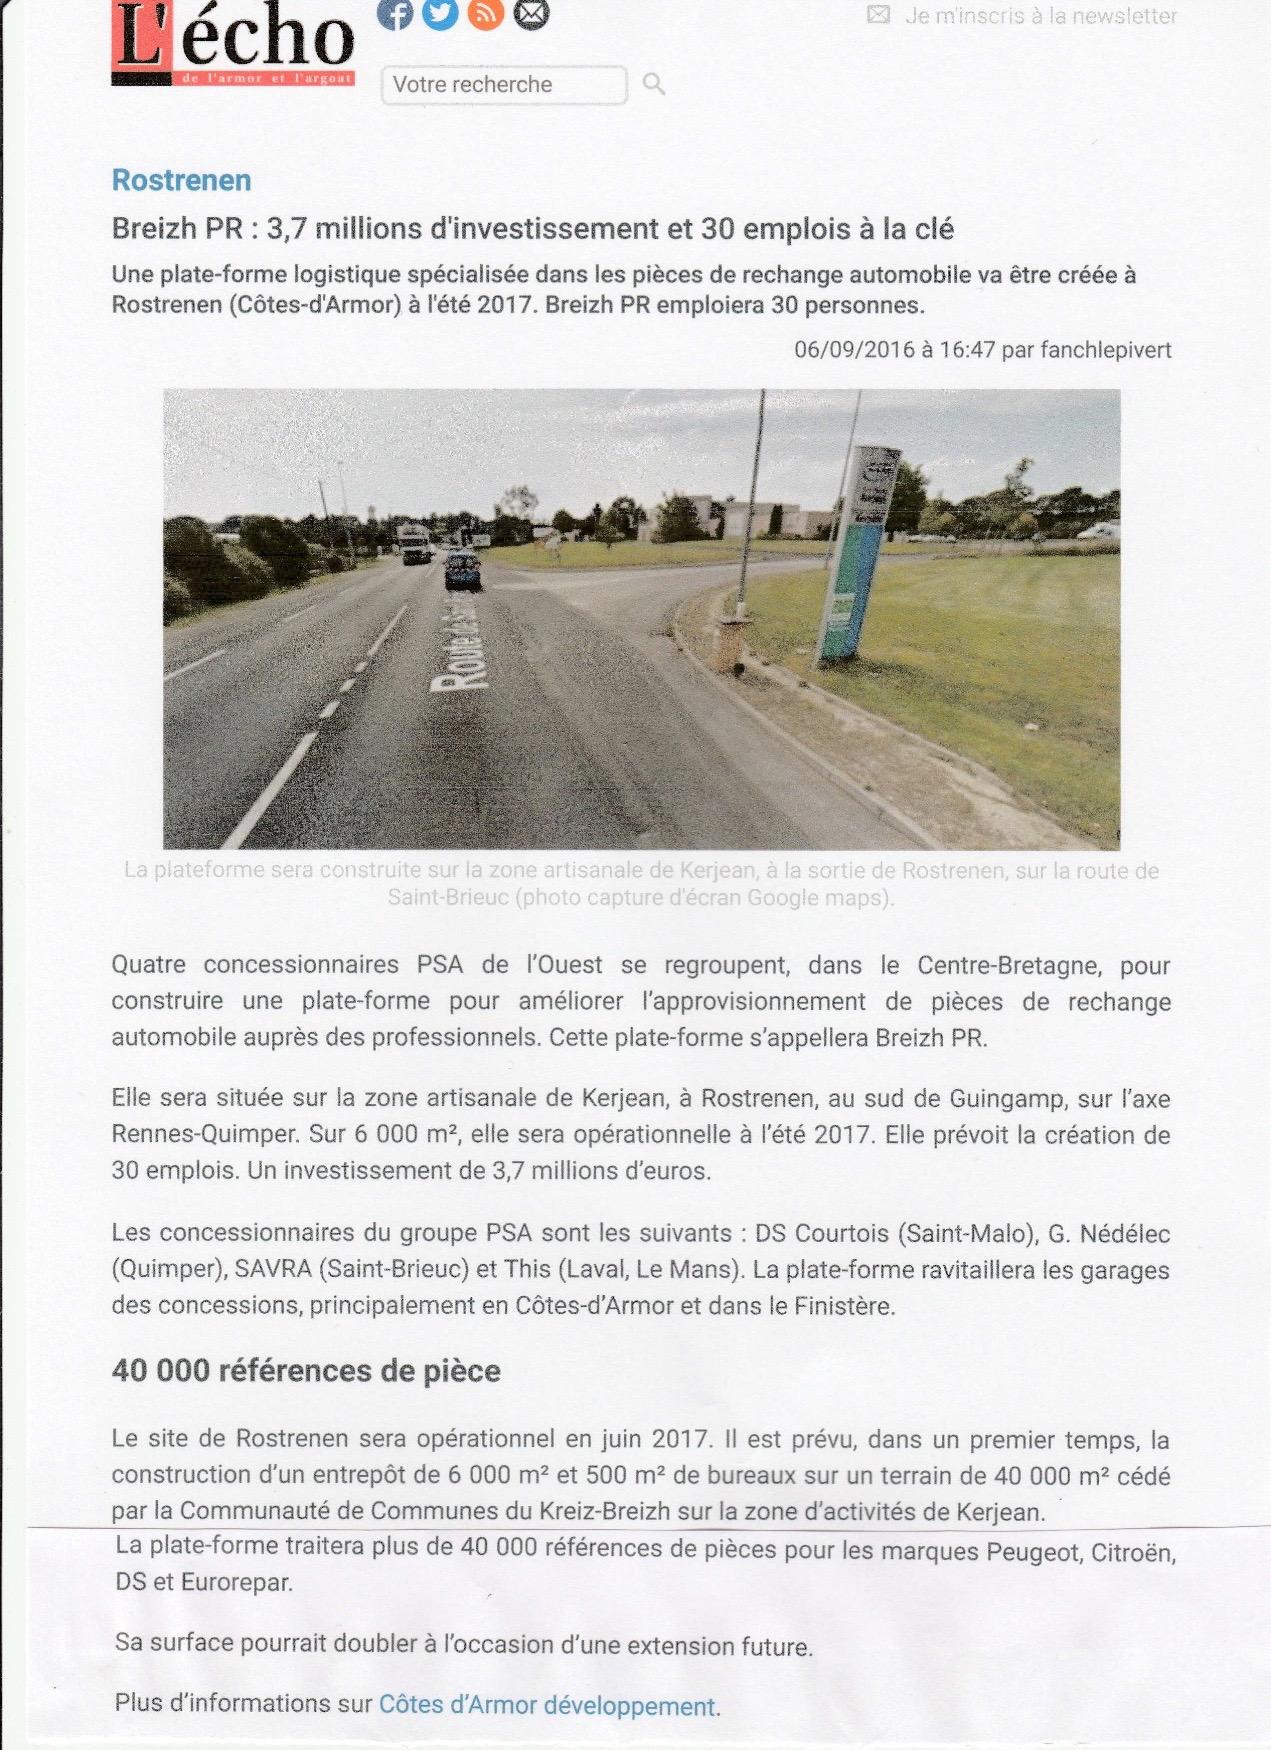 Communiqué de Presse - Breizh PR investissement - L'écho